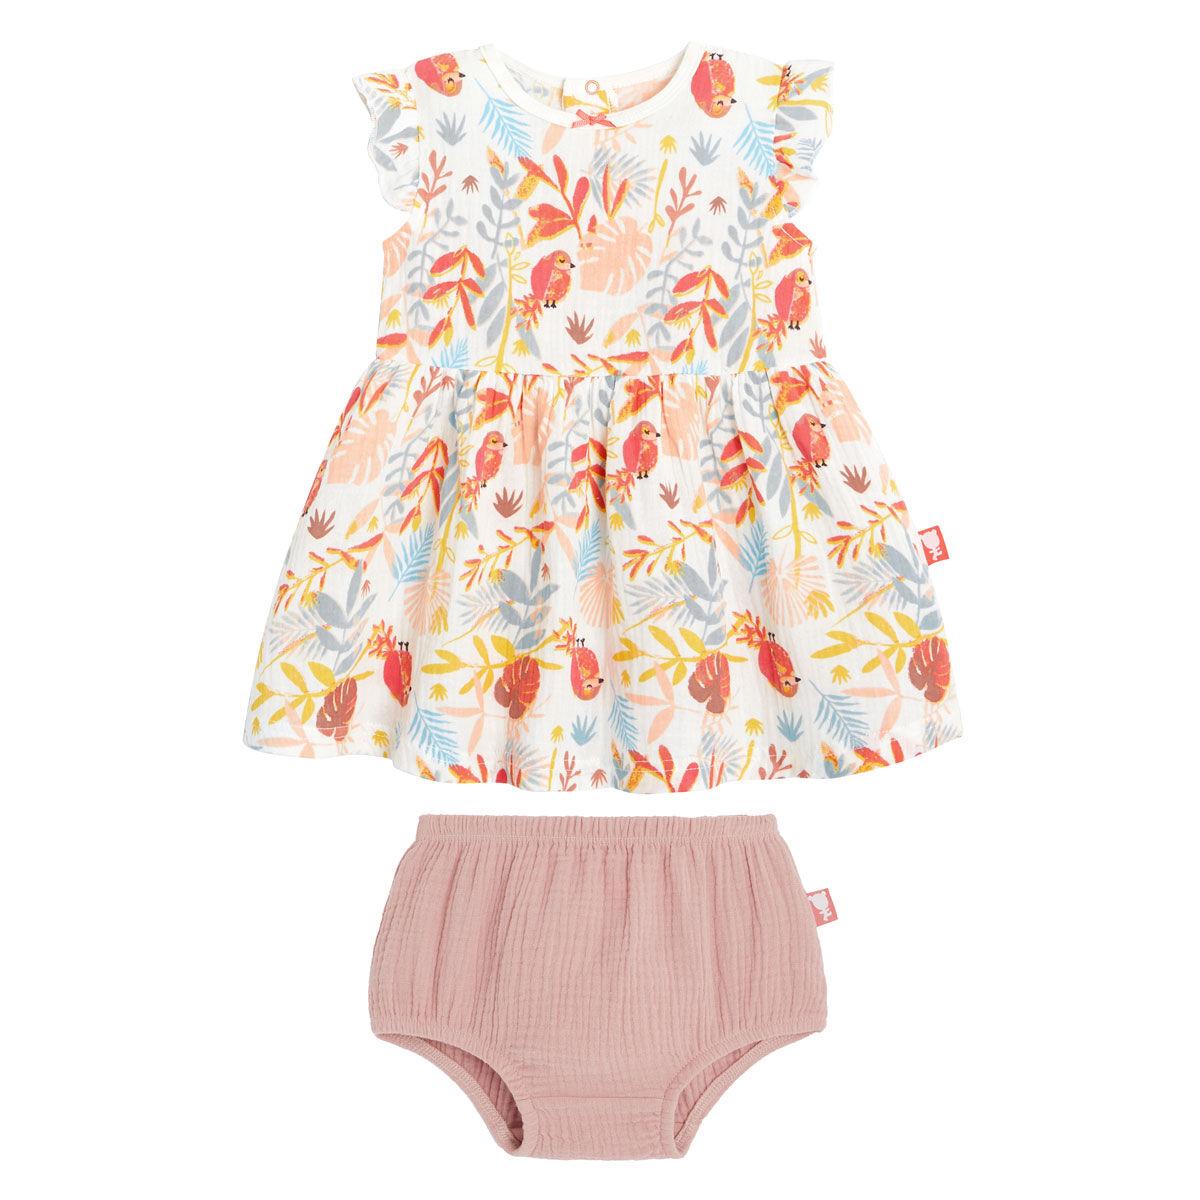 Petit Béguin Robe fille et culotte Tropic - Taille - 24 mois